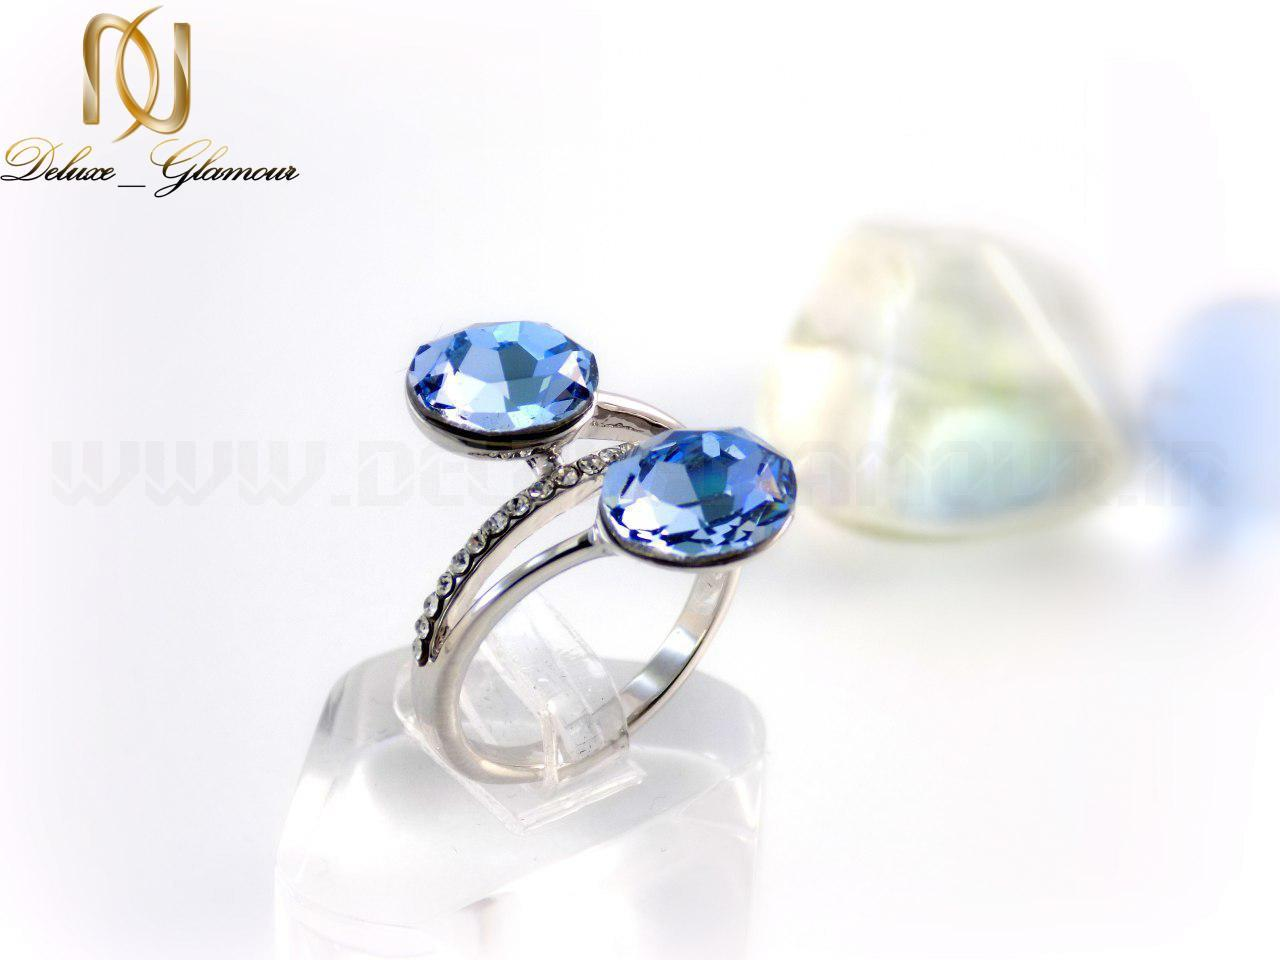 انگشتر ارزان قیمت با کریستال سواروسکی آبی رنگ